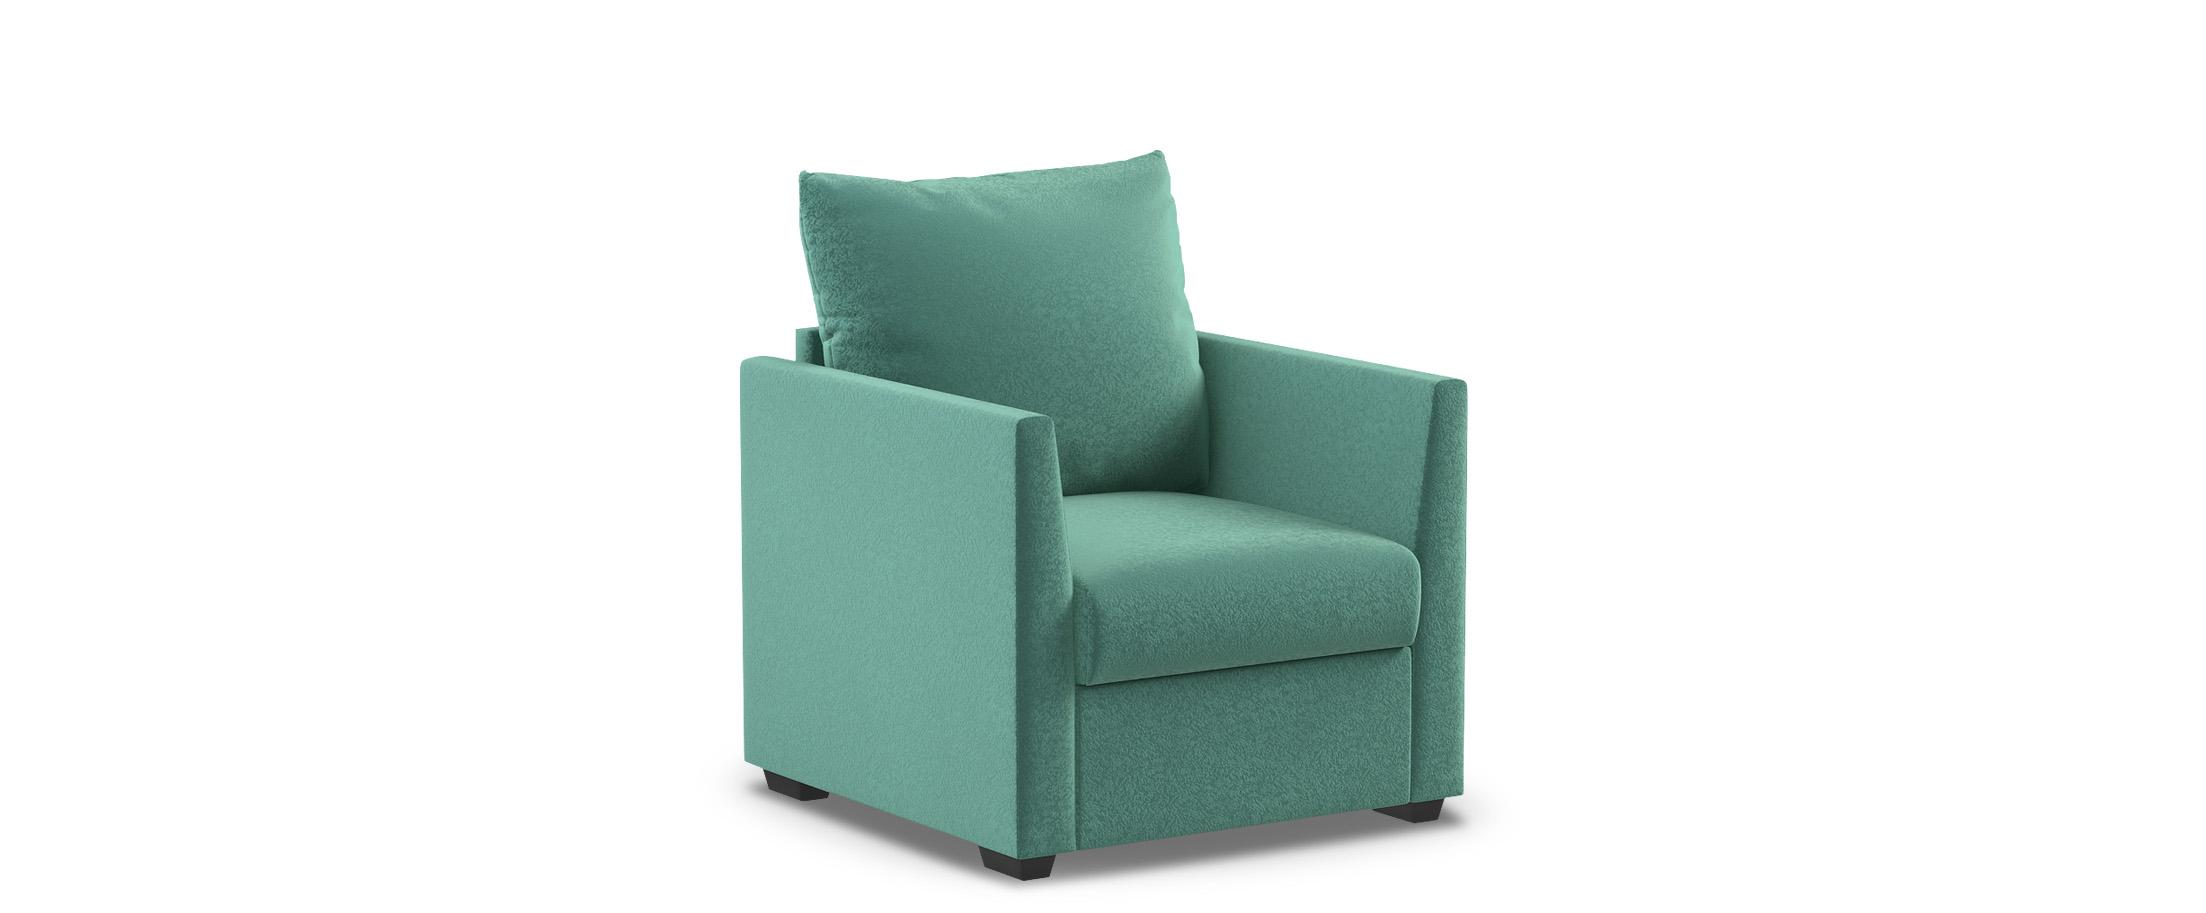 Кресло тканевое Дубай 030Купить бирюзовое кресло Дубай 030. Доставка от 1 дня. Подъём, сборка, вынос упаковки. Гарантия 18 месяцев. Интернет-магазин мебели MOON TRADE.